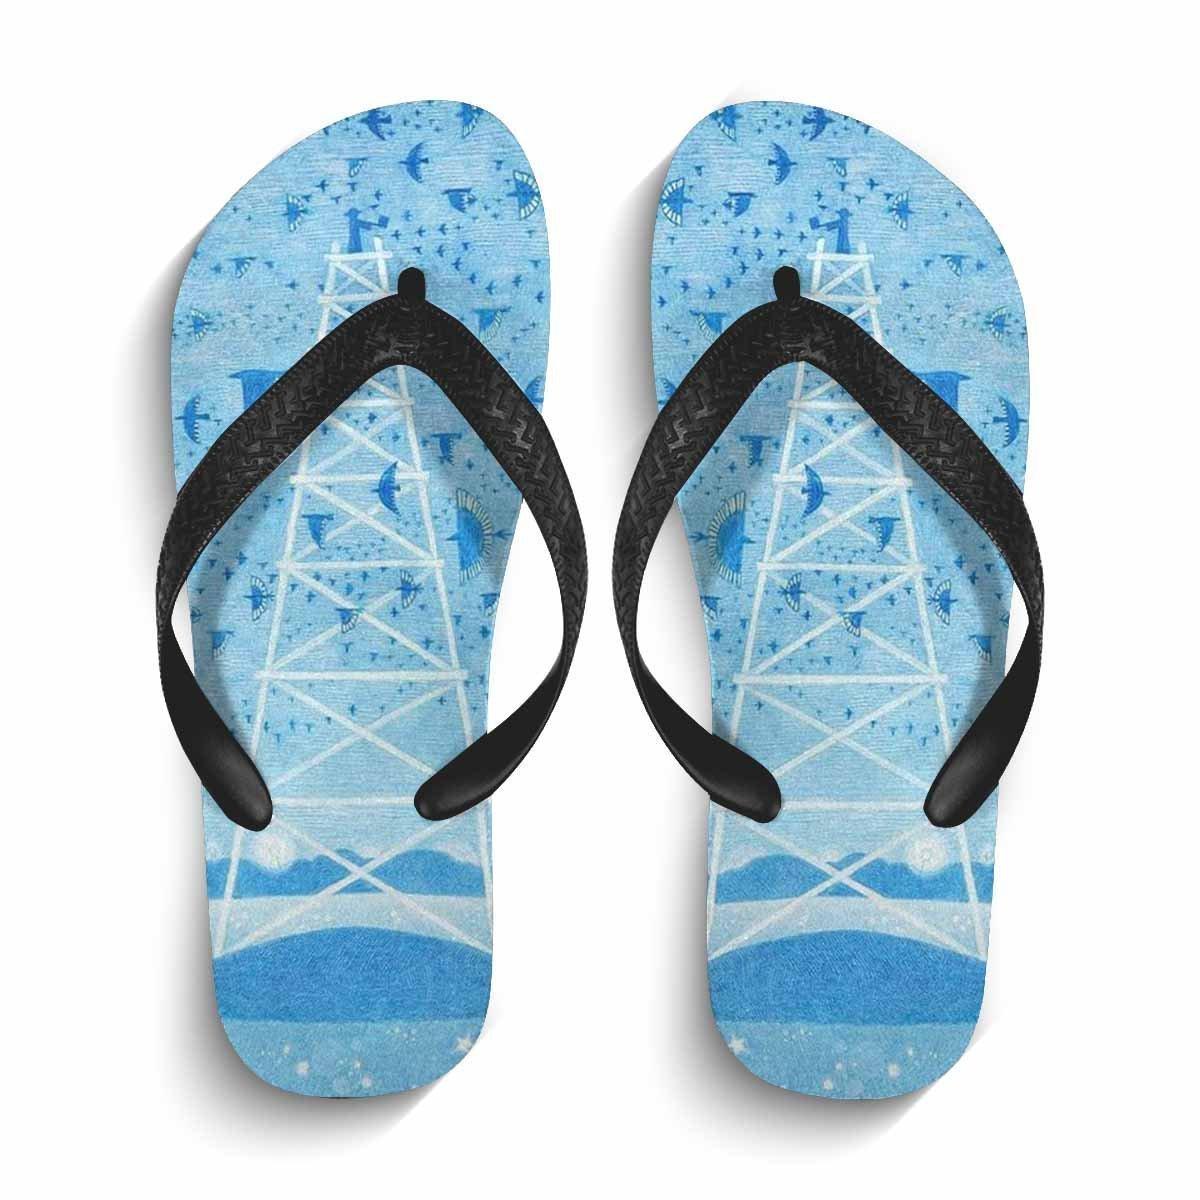 486e5ee3a544 Amazon.com  Flip Flops for Women Stylish Beach Flip Flops Summer Flip Flop  Sandals Slippers  Sports   Outdoors